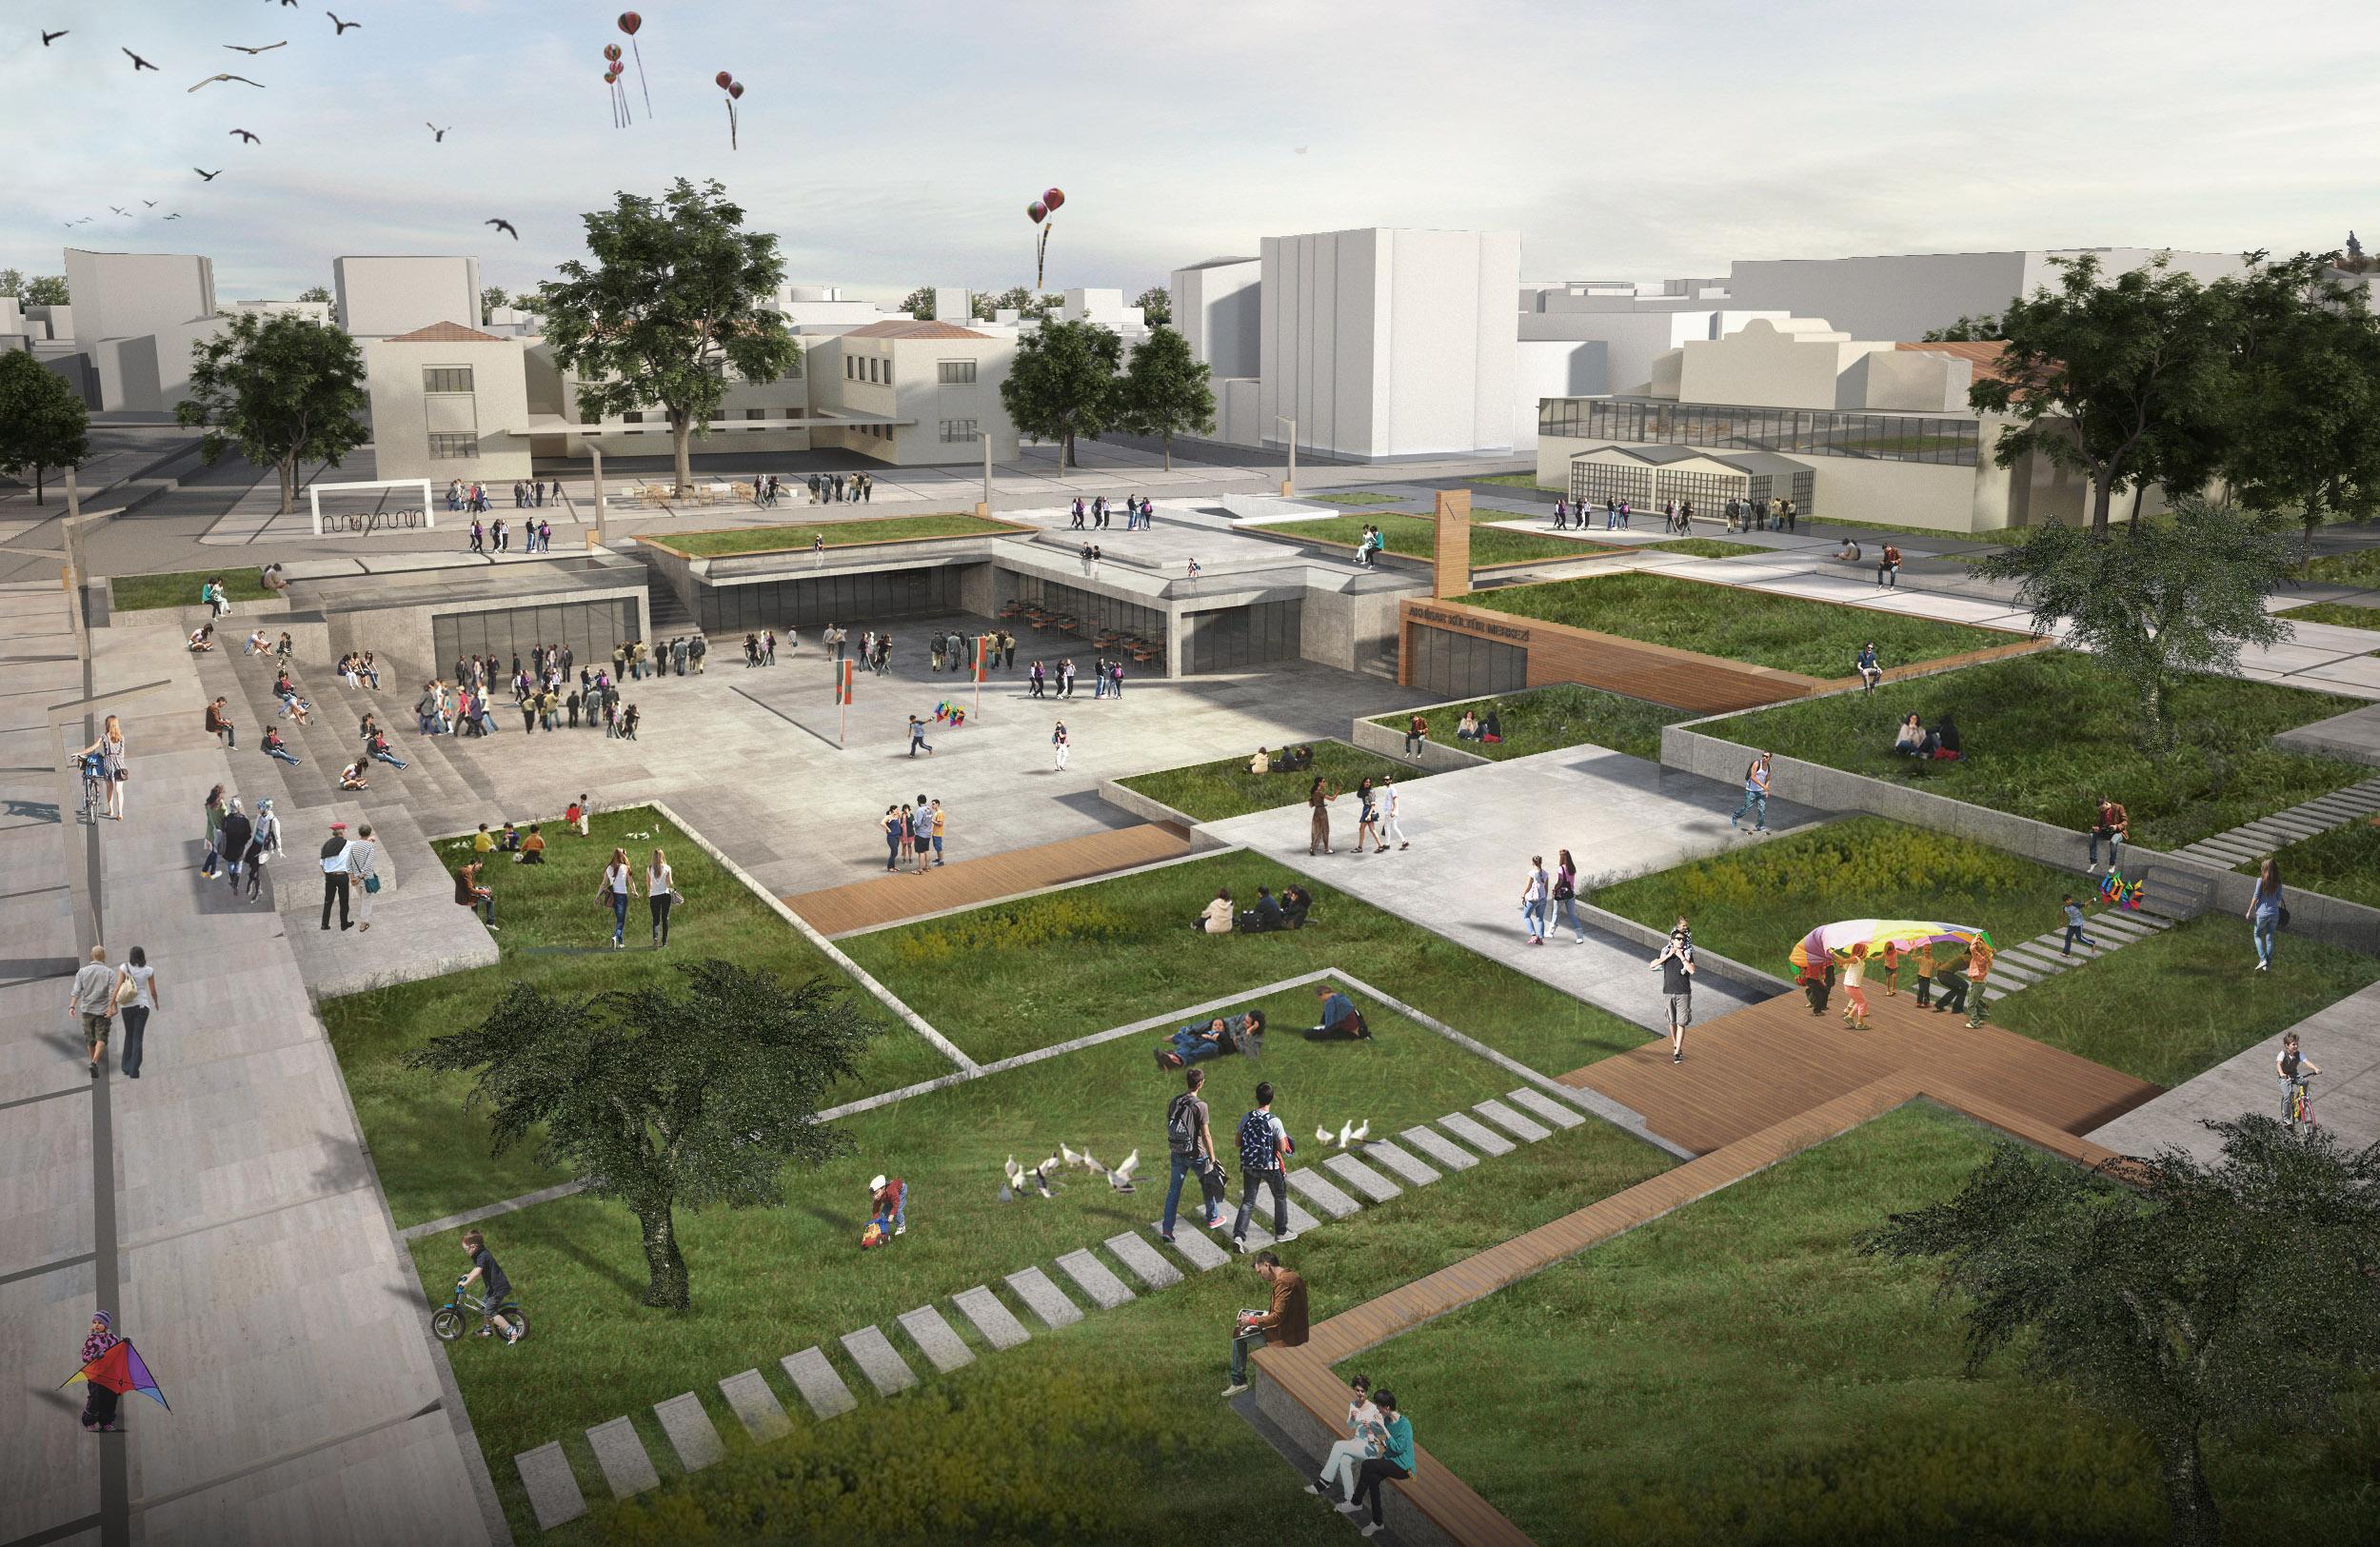 Akhisar Public Square Urban Design, 2019